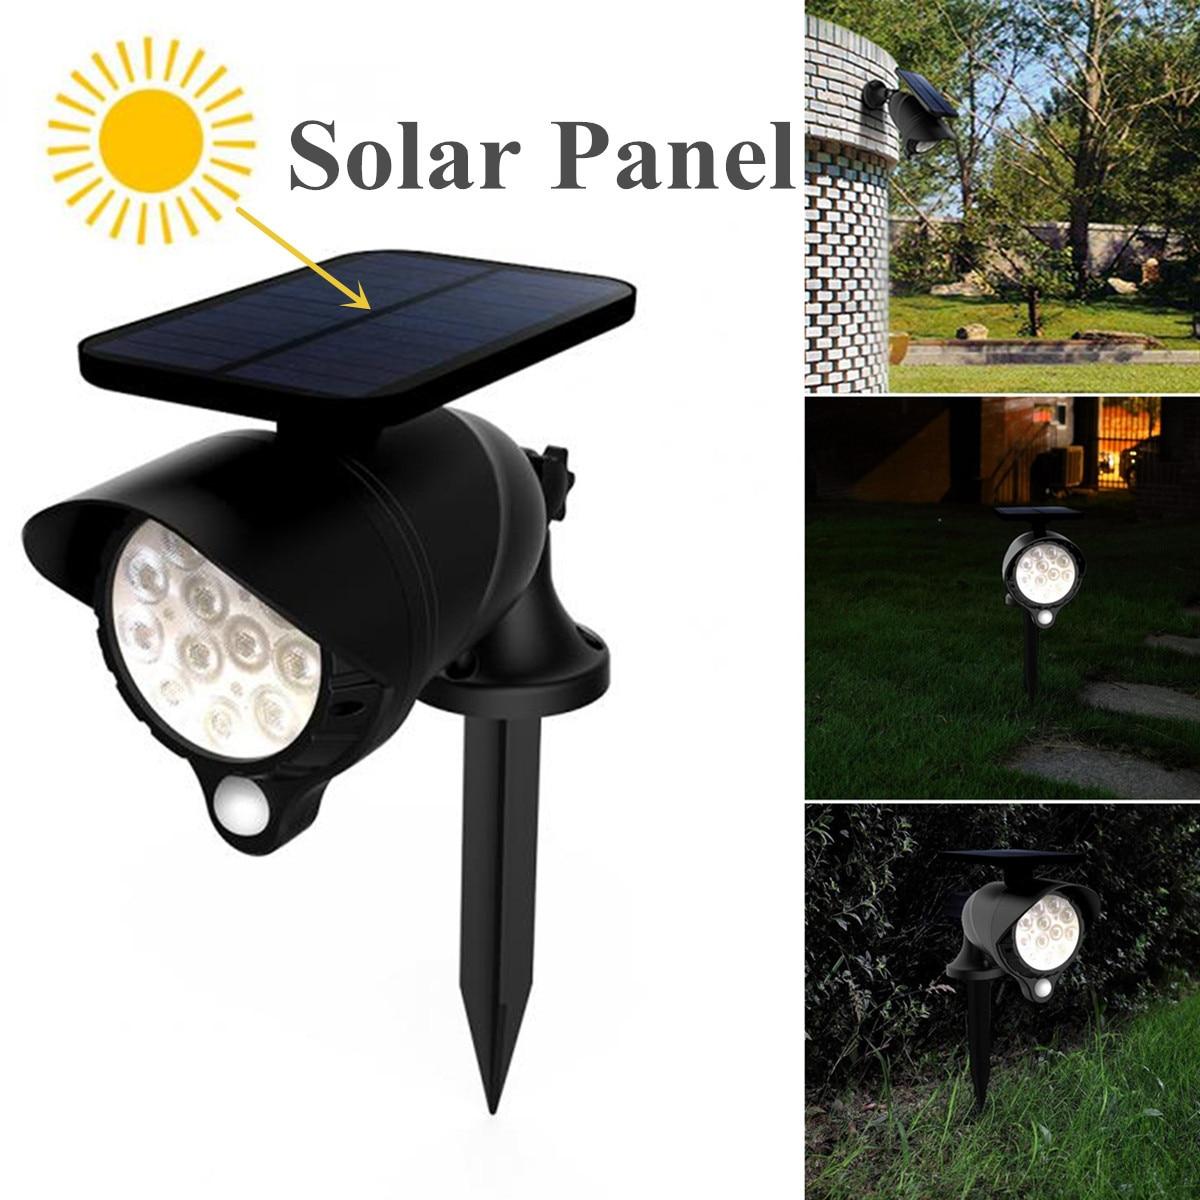 Светодиодная Солнечная лампа, мощный PIR датчик движения, настенное освещение, наружное водонепроницаемое энергосберегающее светодиодное о